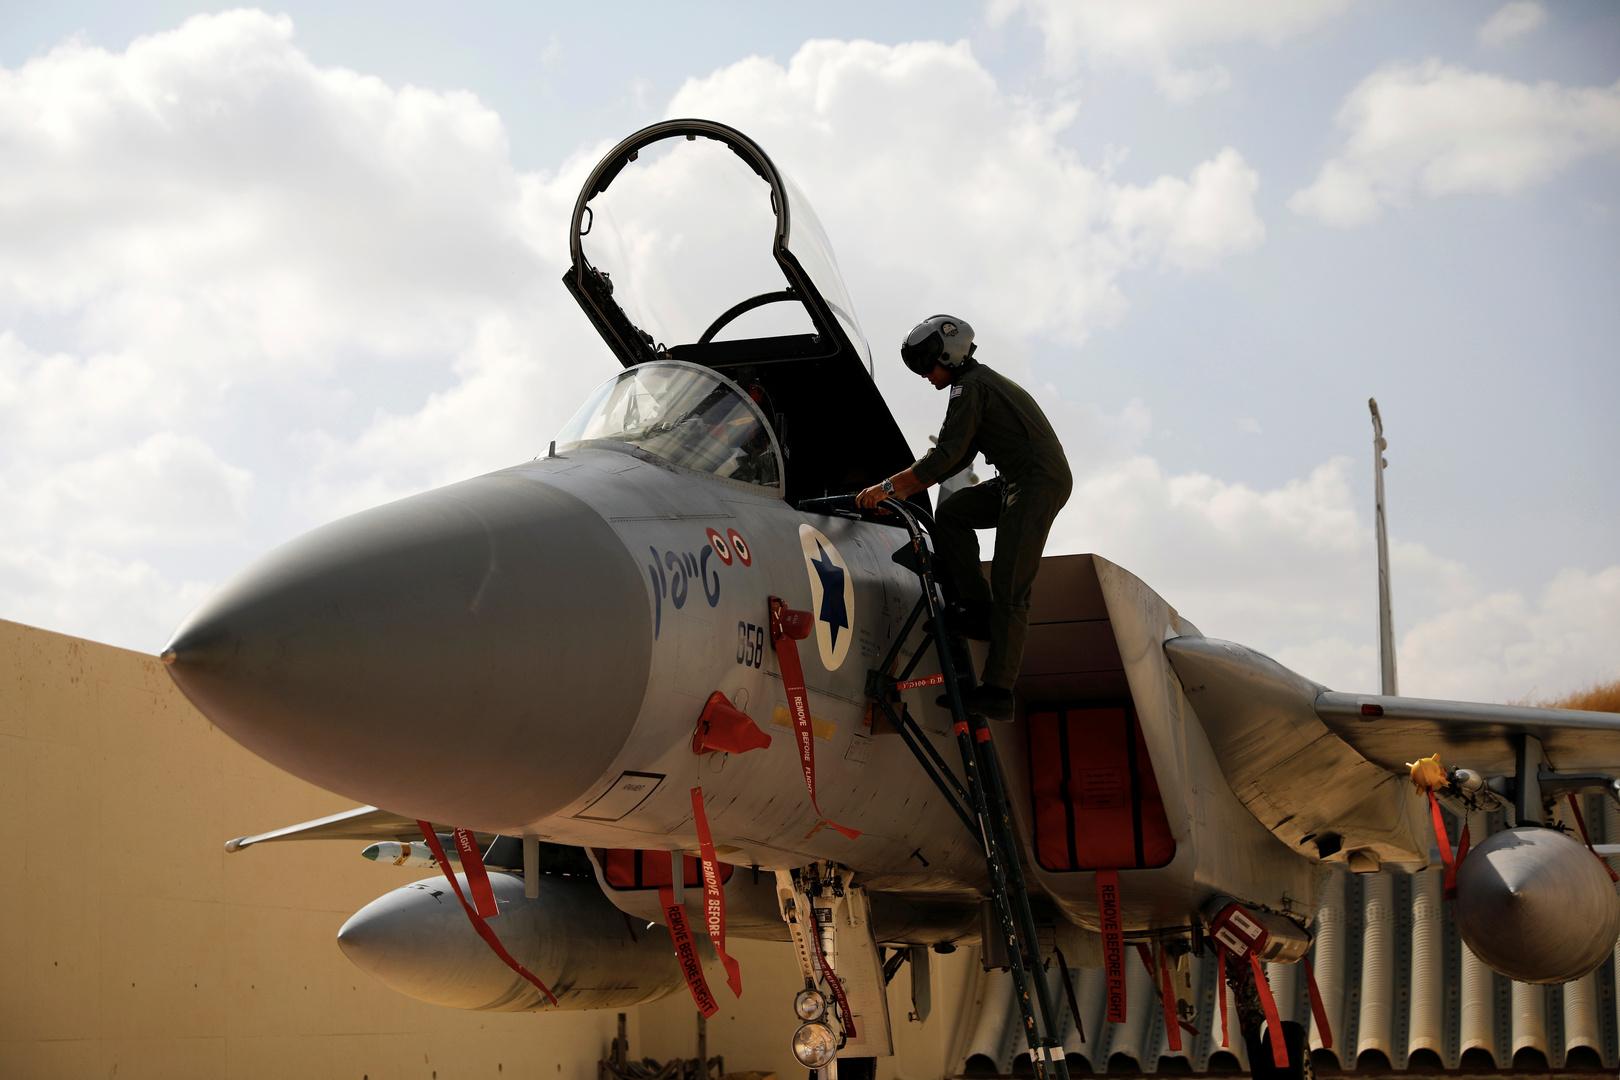 وزير استخبارات إسرائيل: اتفقنا على رفض أي مقترحات بشأن وقف إطلاق النار في غزة